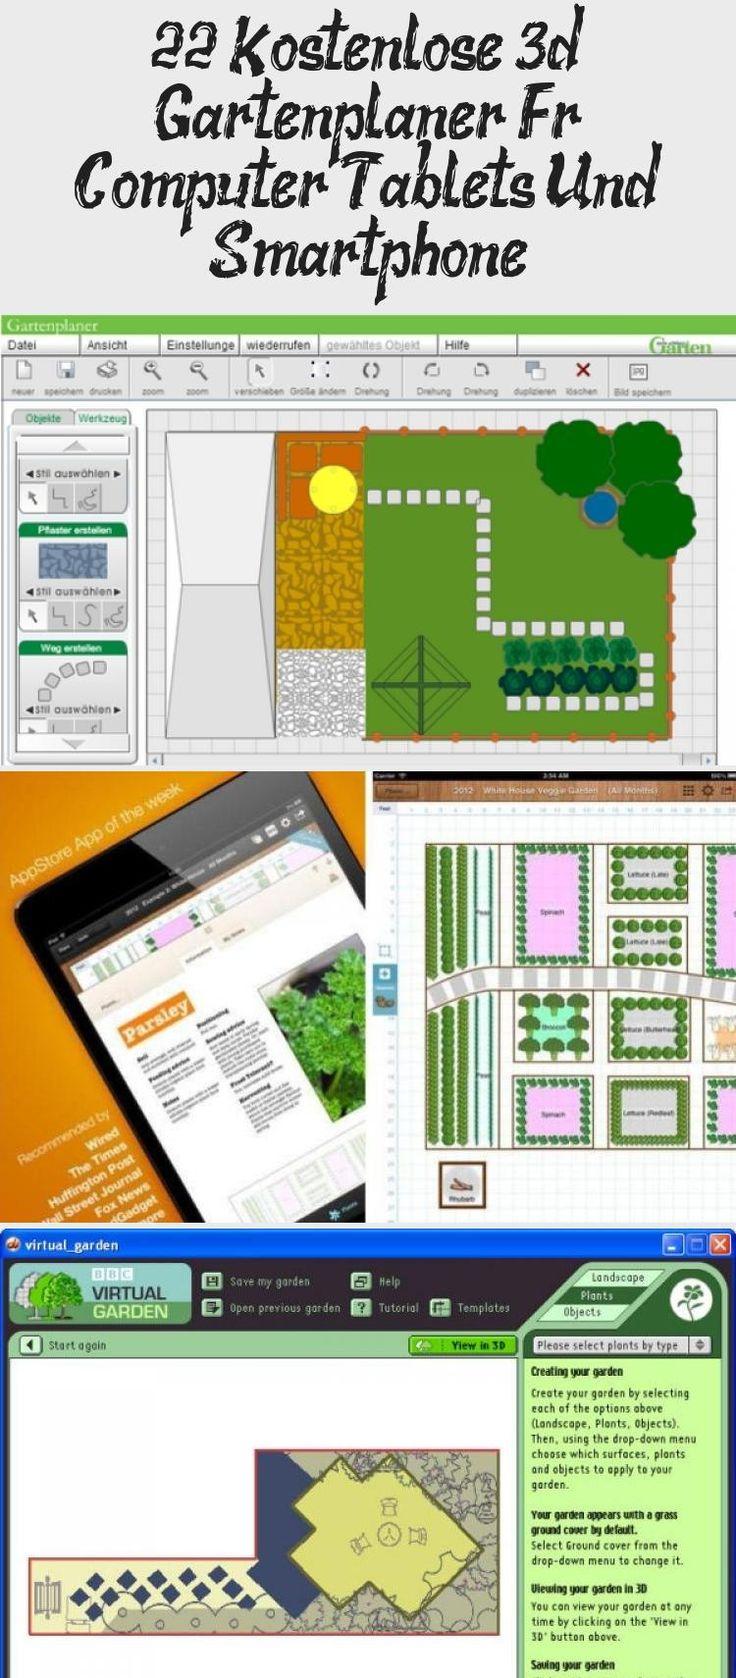 22 Kostenlose 3d Gartenplaner Fur Computer Tablets Und Smartphone In 2020 Map Map Screenshot